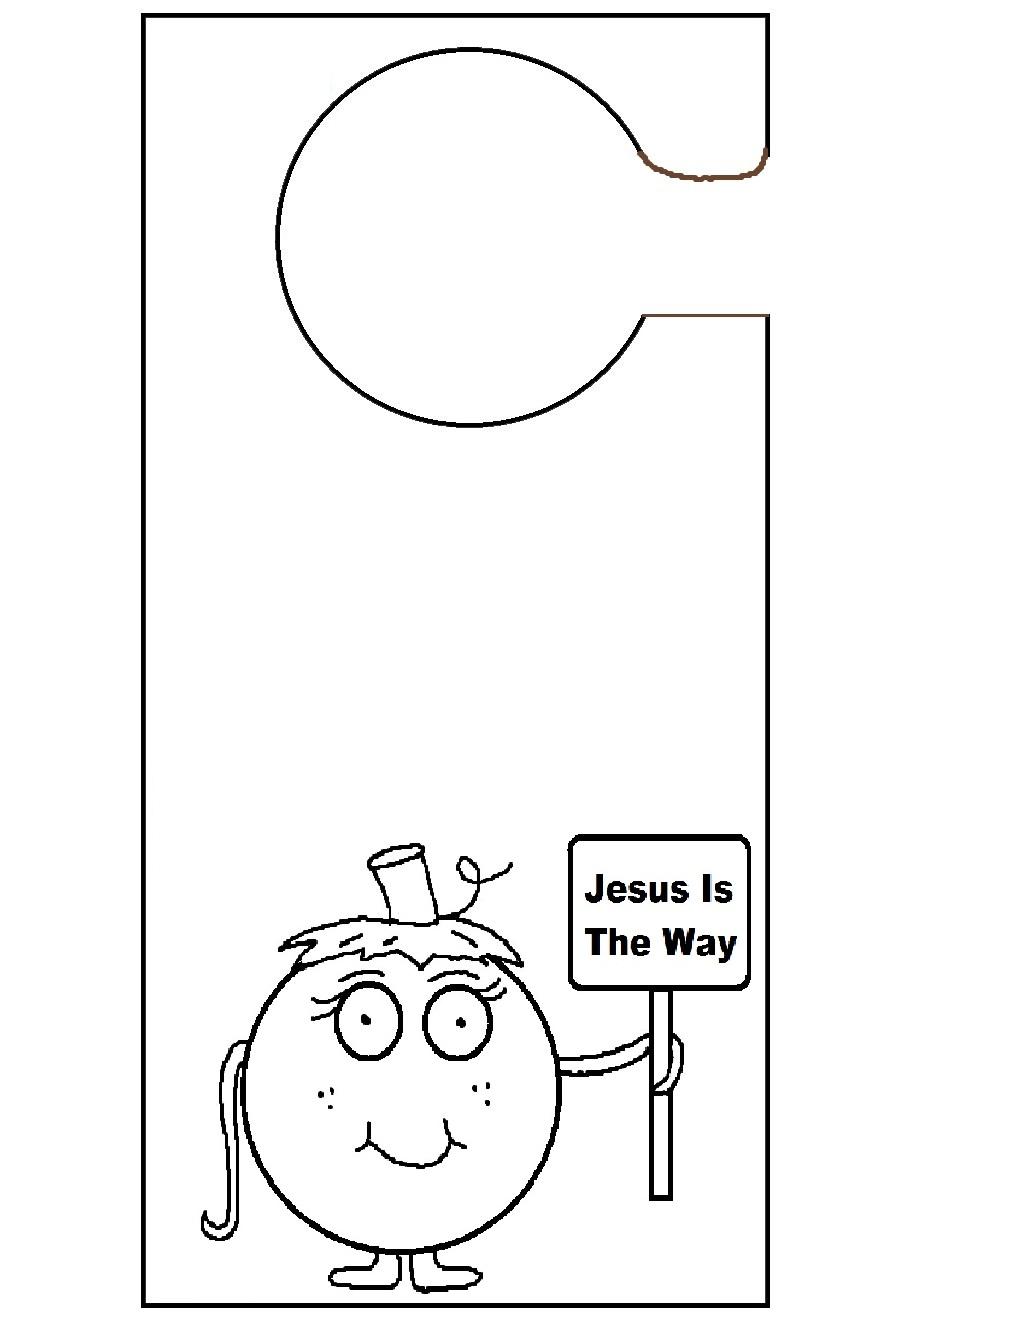 door knob sign template photo - 9